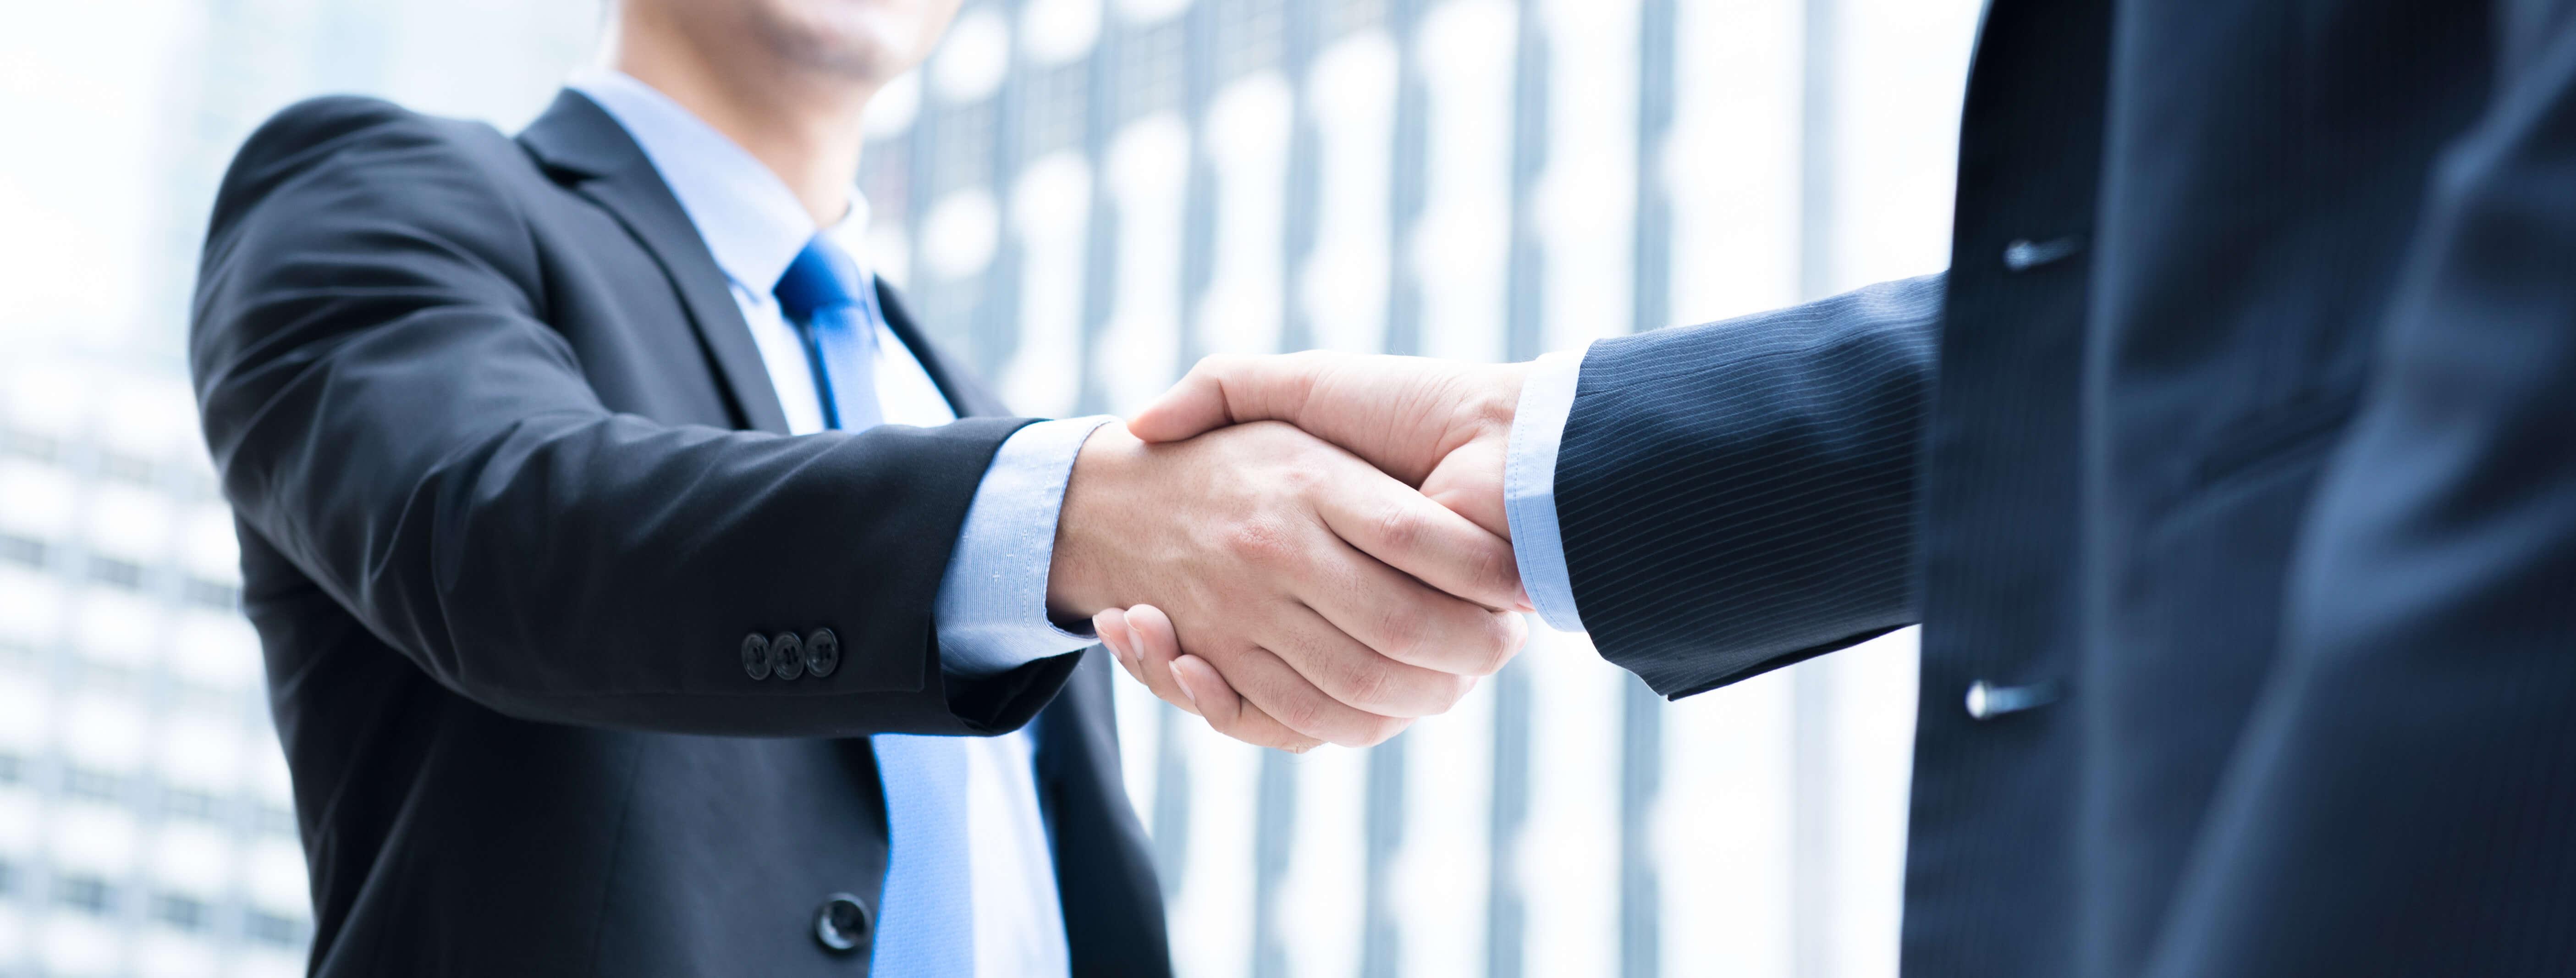 Handschlag zweier Geschäftsmänner